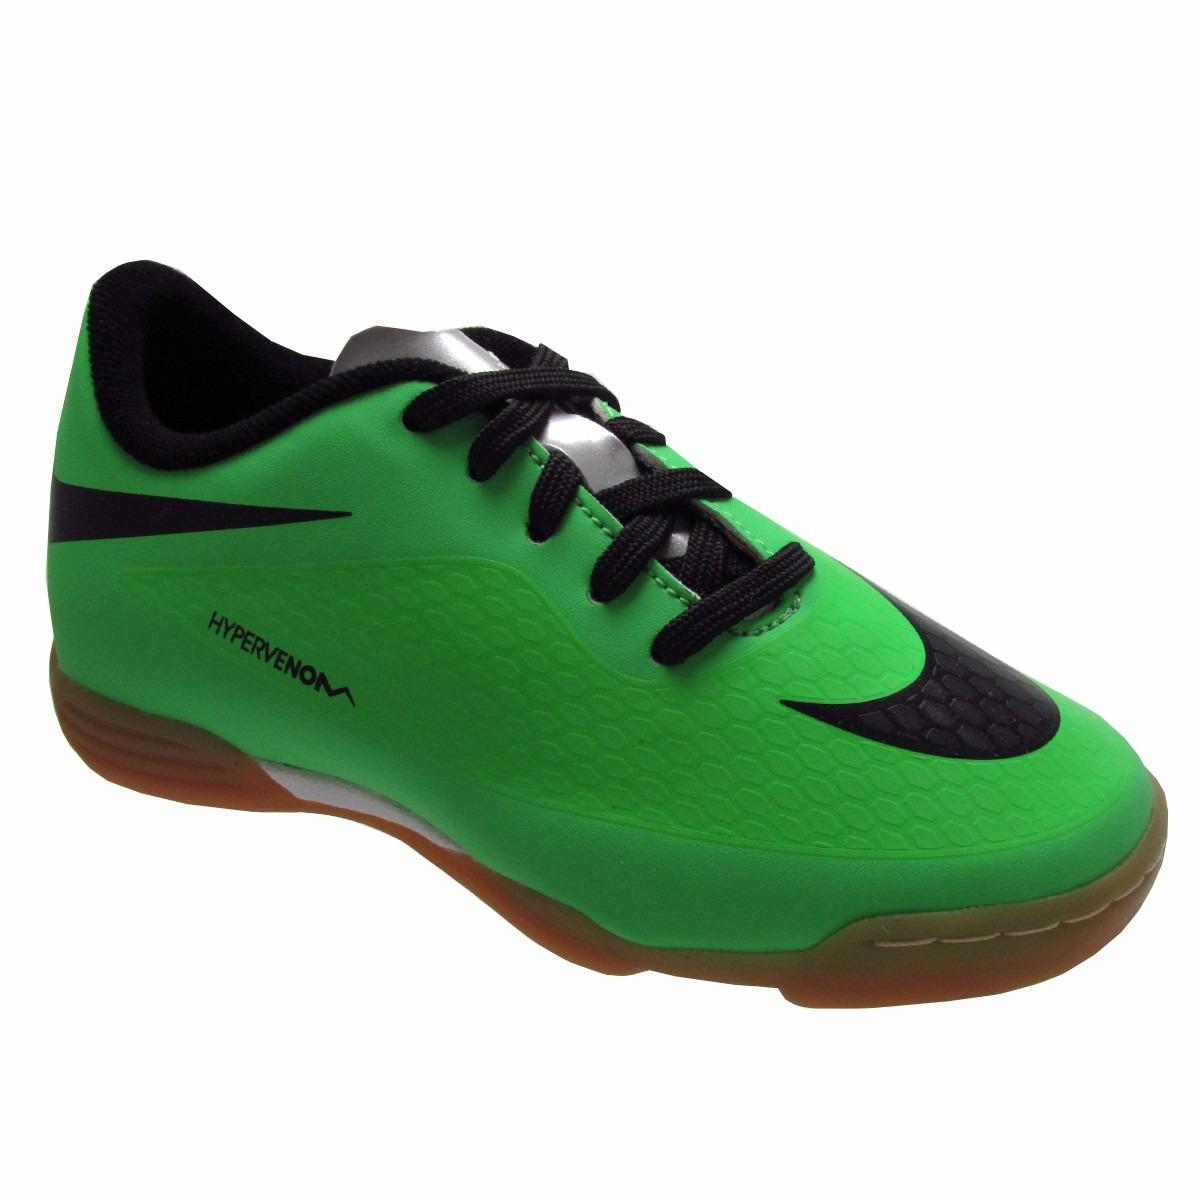 ... hot coupon for chuteira futsal nike jr. hypervenom phade ic verde  original bfc12 0de33 bc57d 1e2a43e0a7fa6